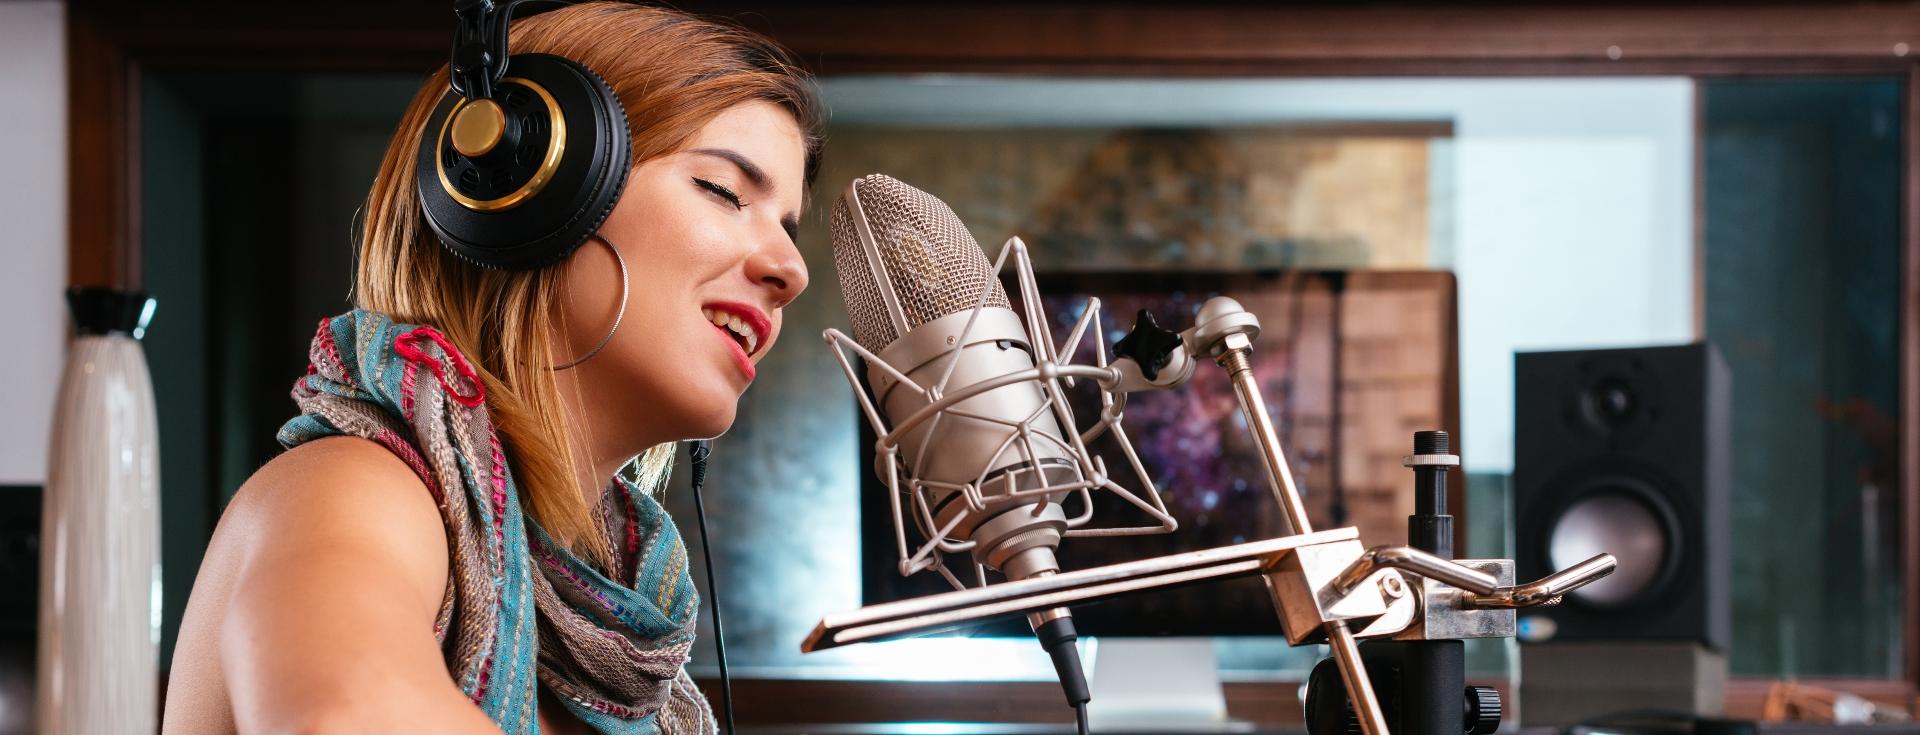 Vrouw die een muzieknummer opneemt in de studio